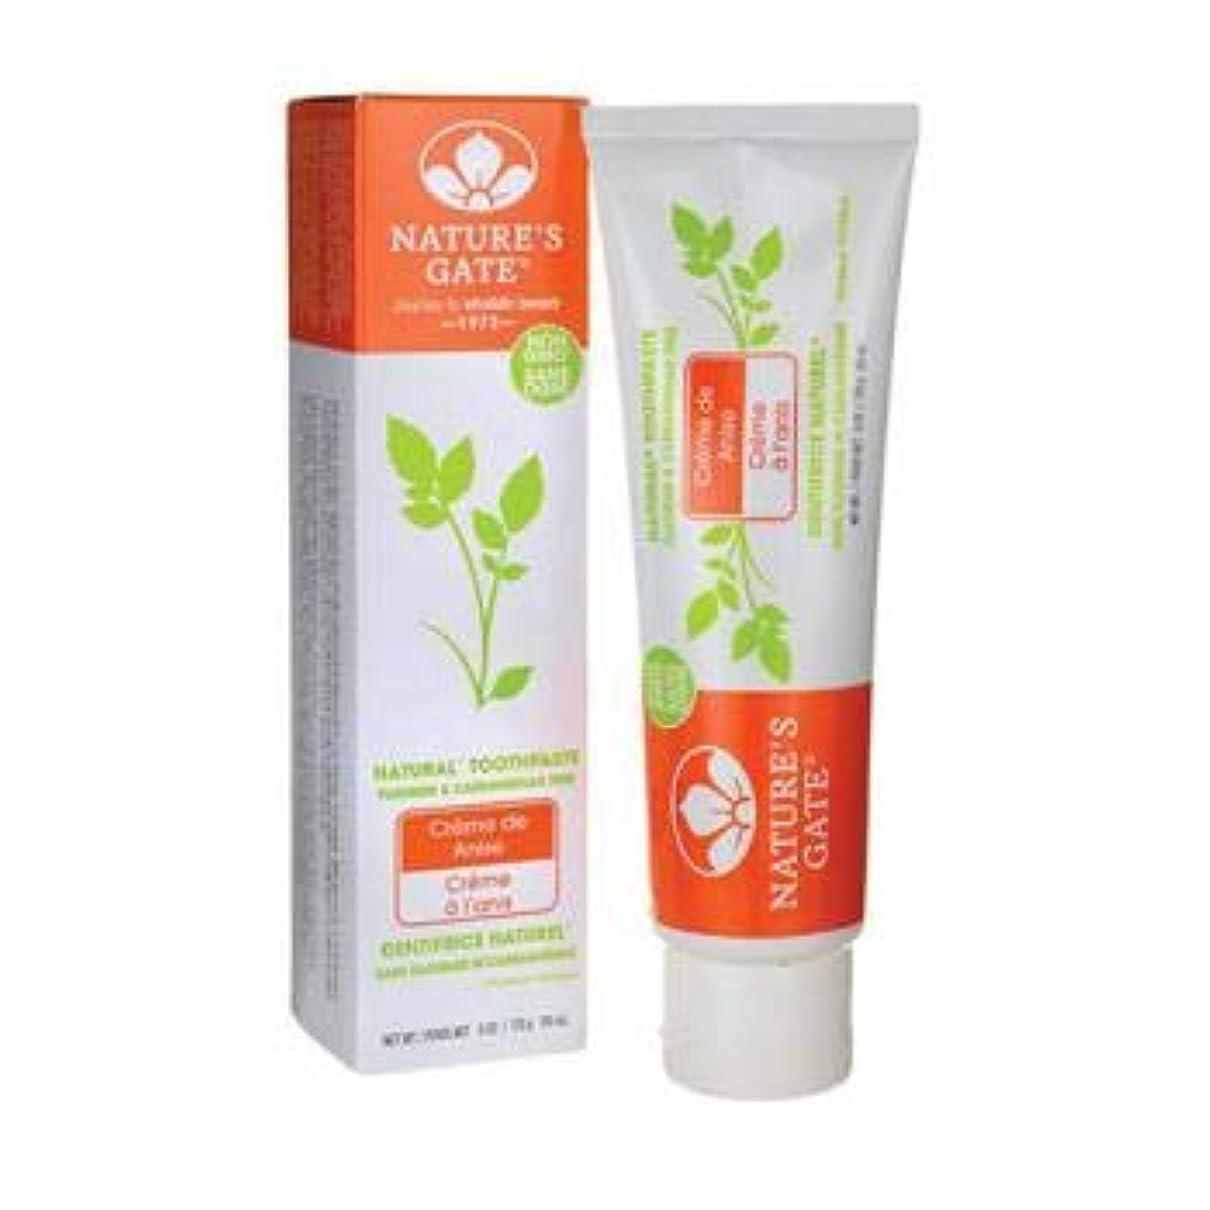 余剰側溝つらい海外直送品Toothpaste Creme De, Anise 6 Oz by Nature's Gate